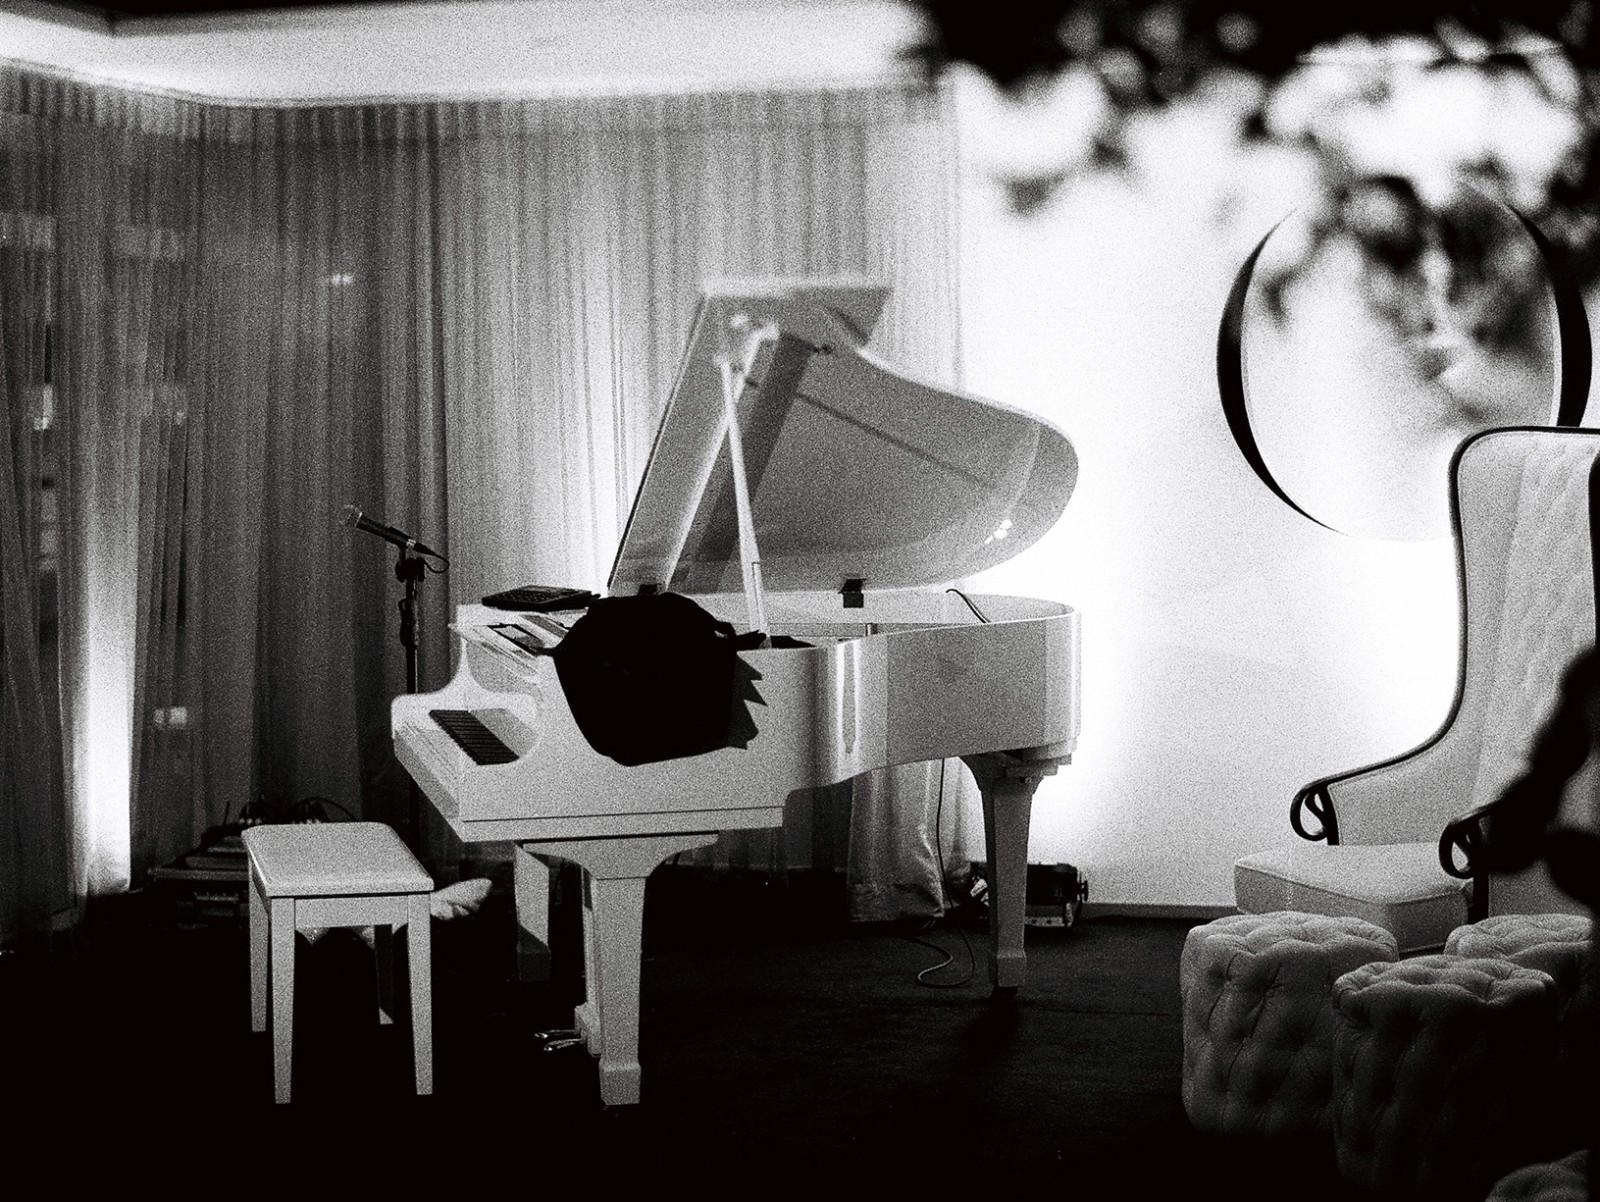 piano-quay-restaurant